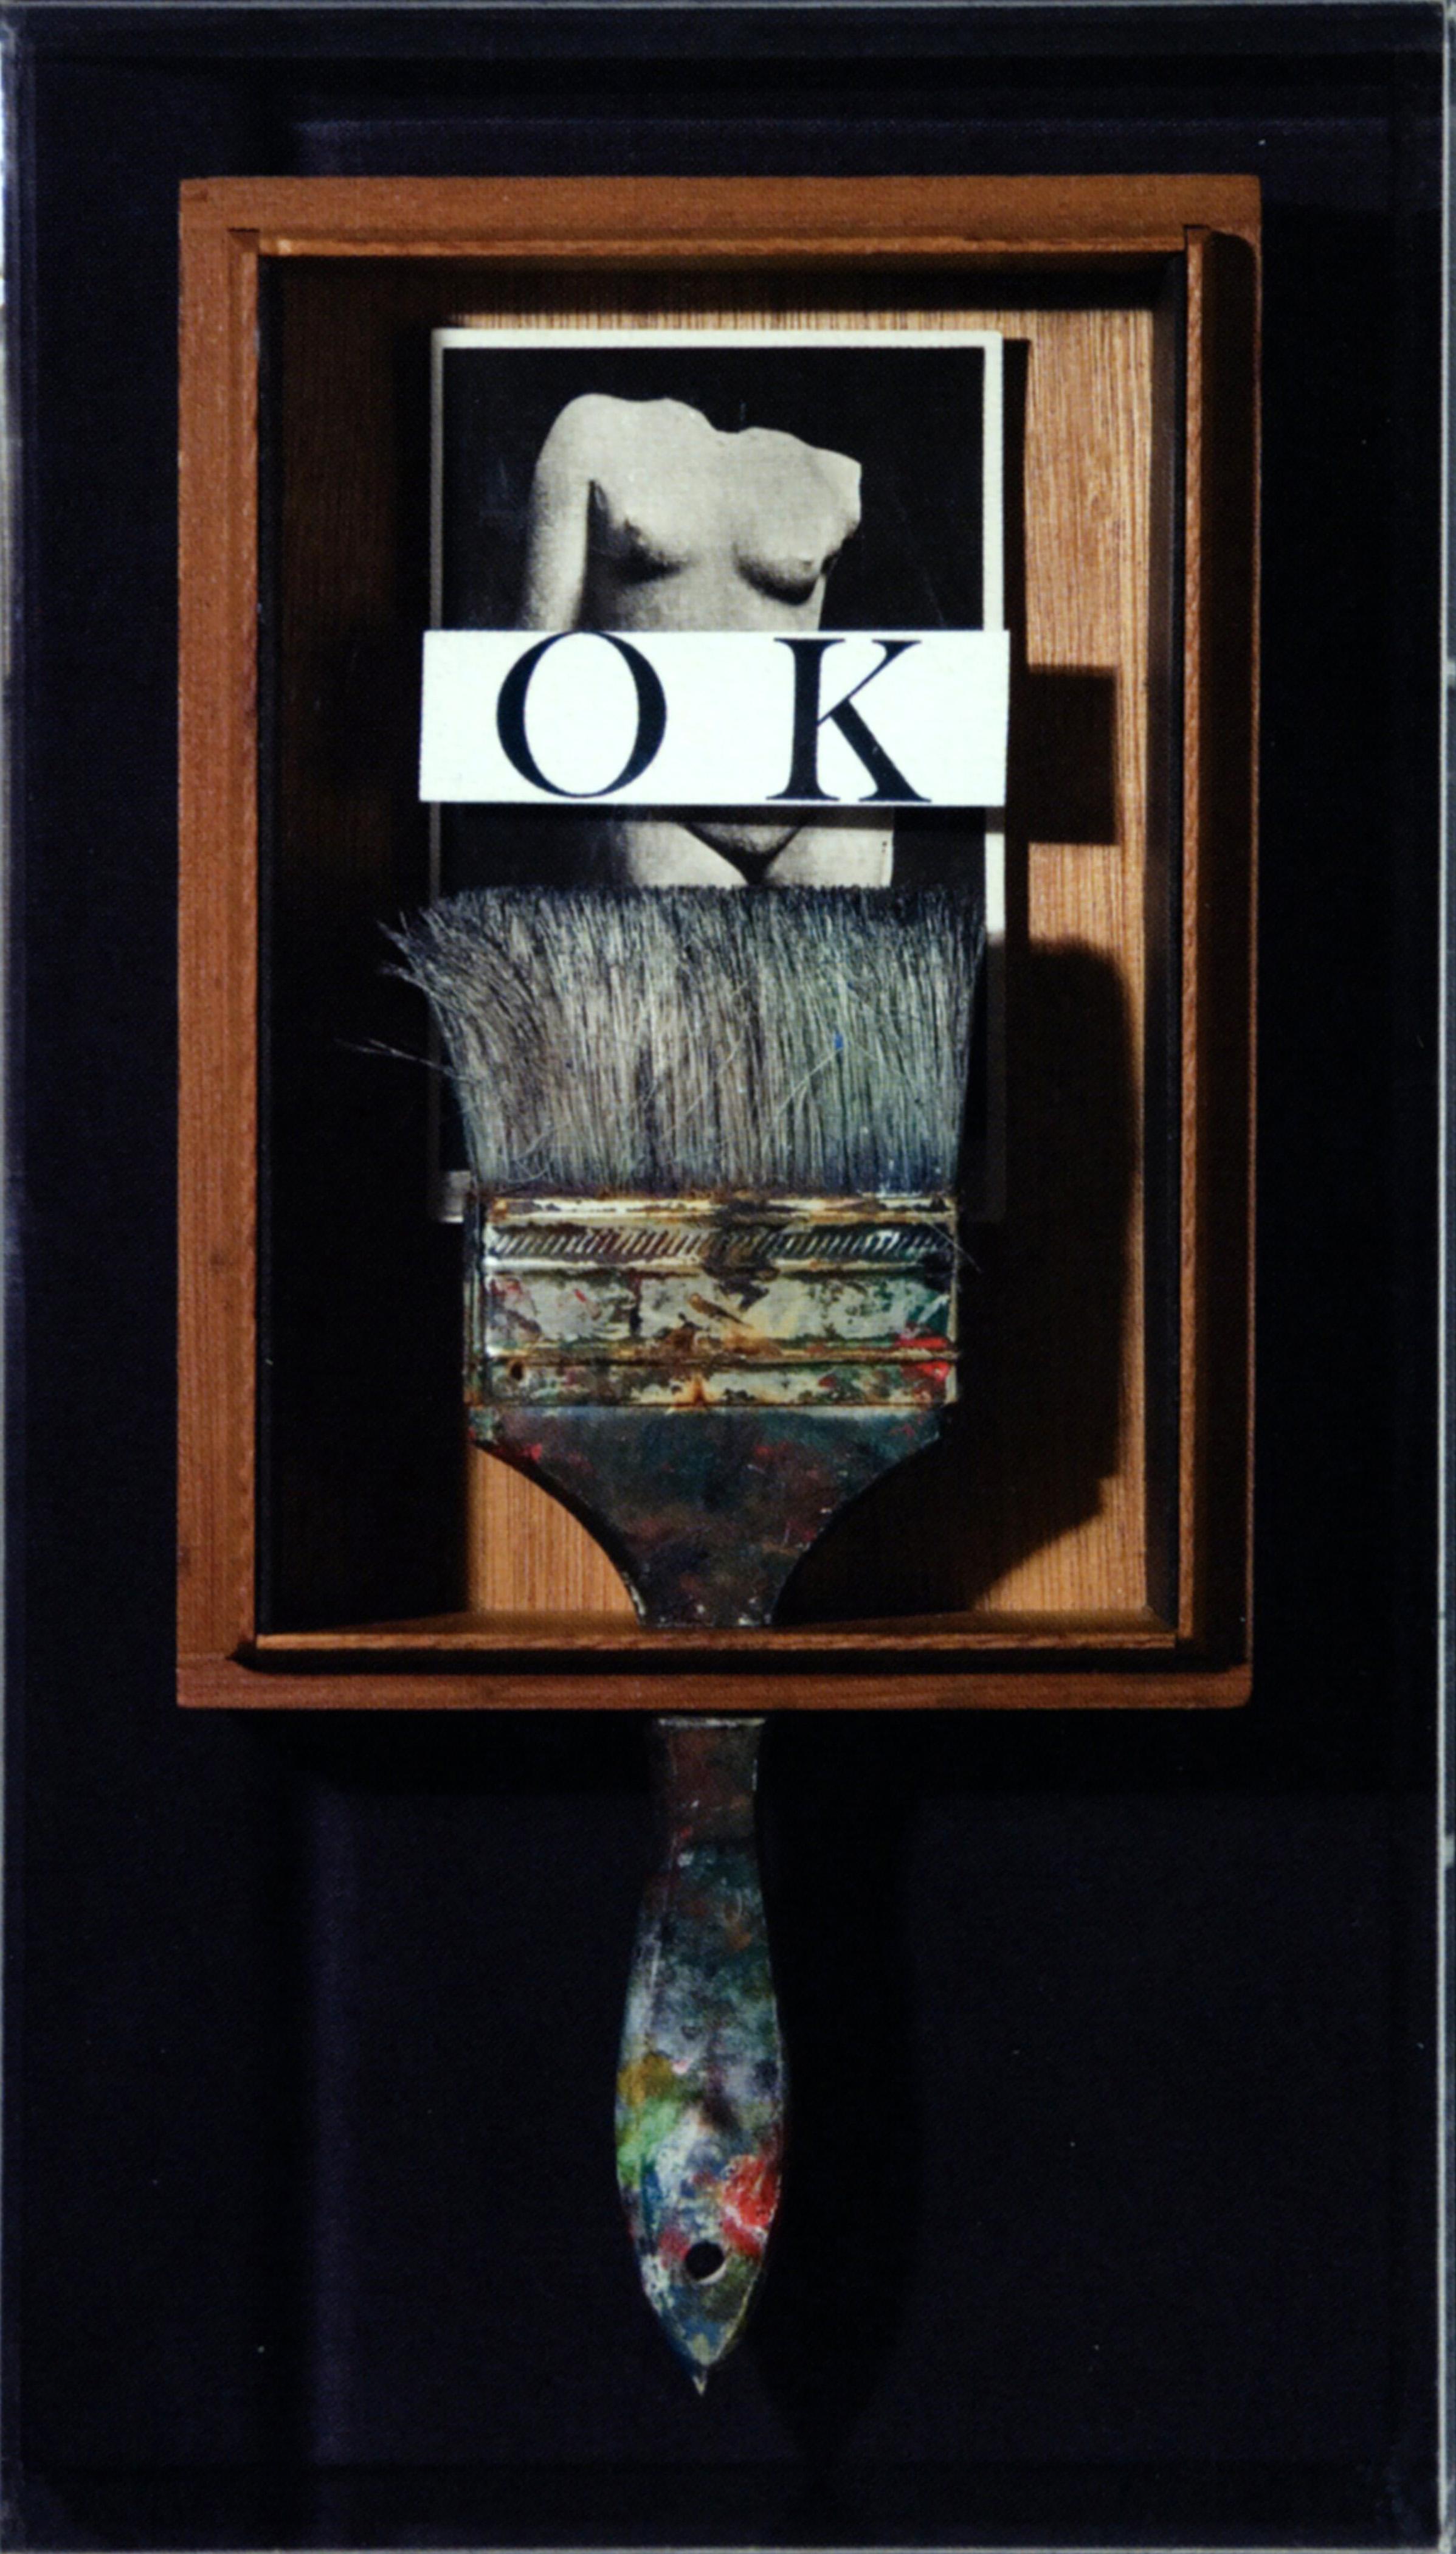 R. Anthony ASKEW   OK   2002